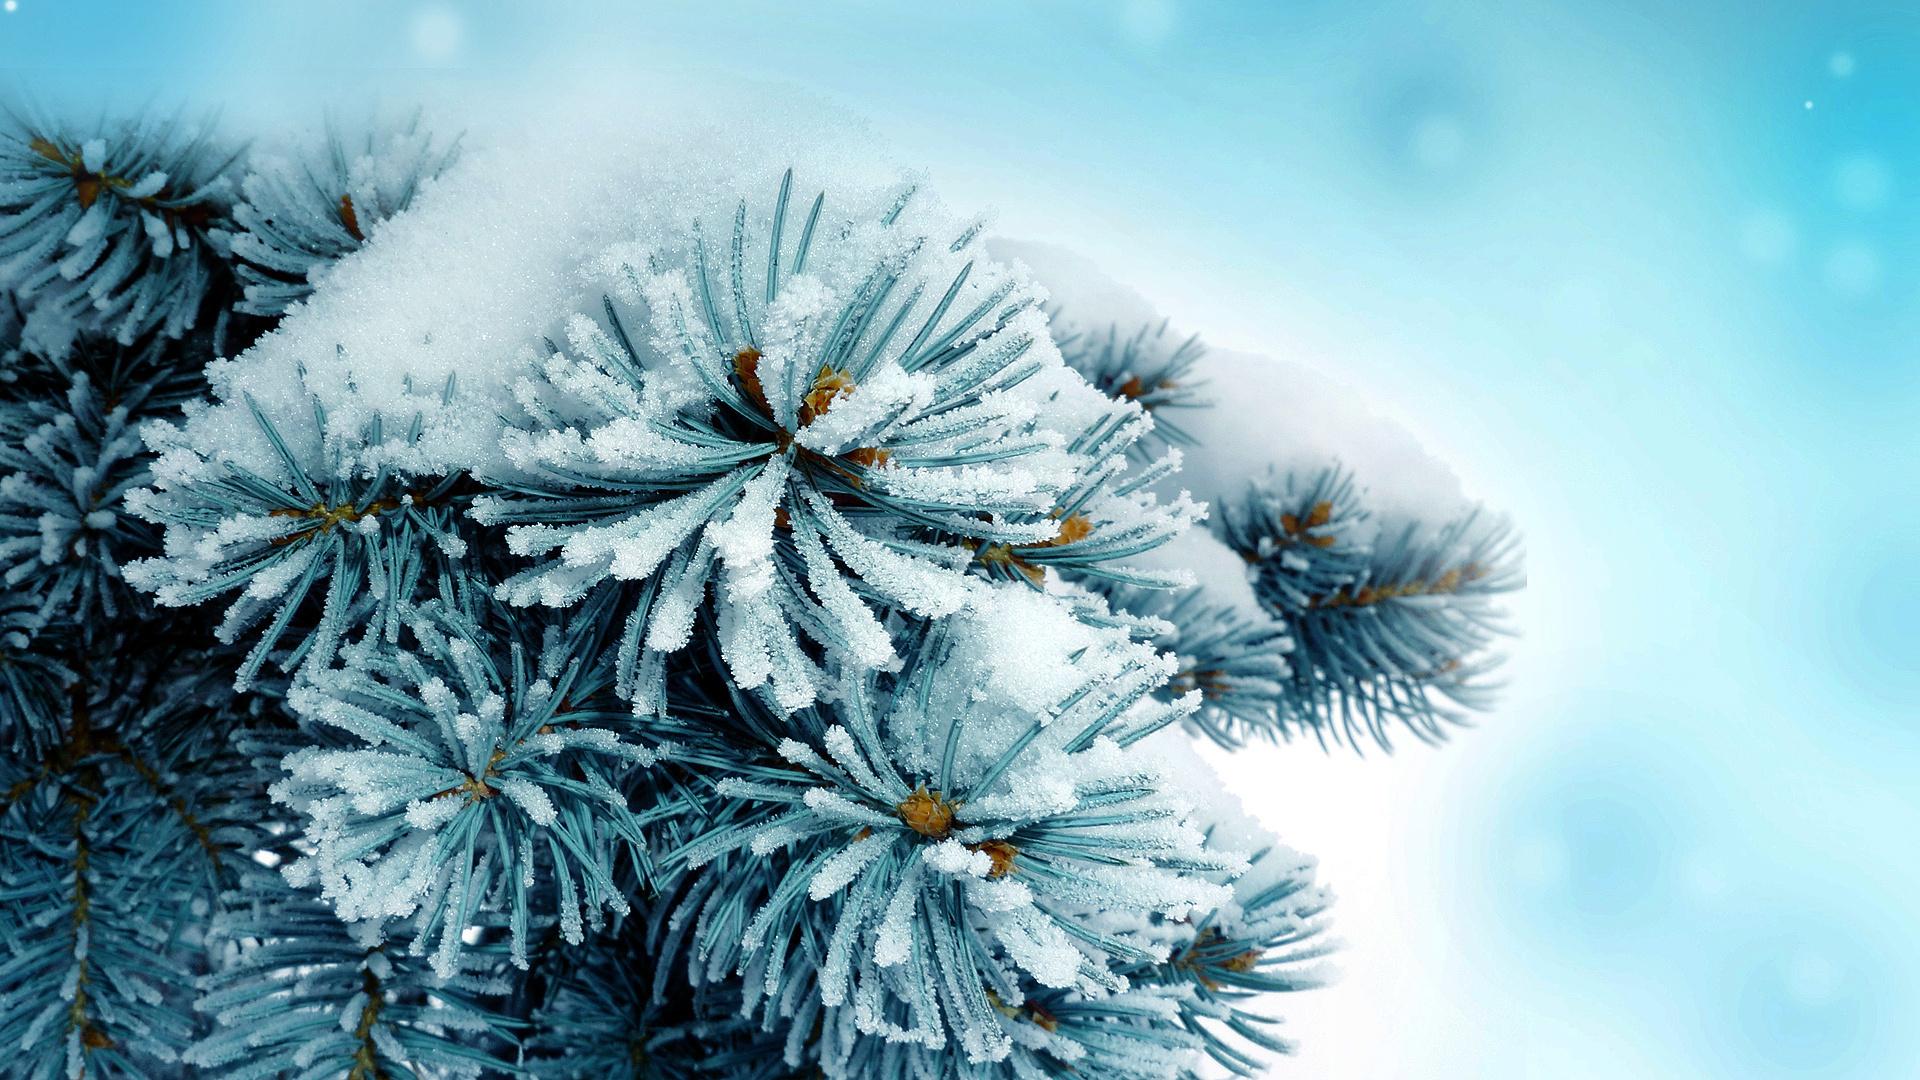 обои на рабочий стол зима скачать бесплатно широкоформатные зима № 218024 без смс